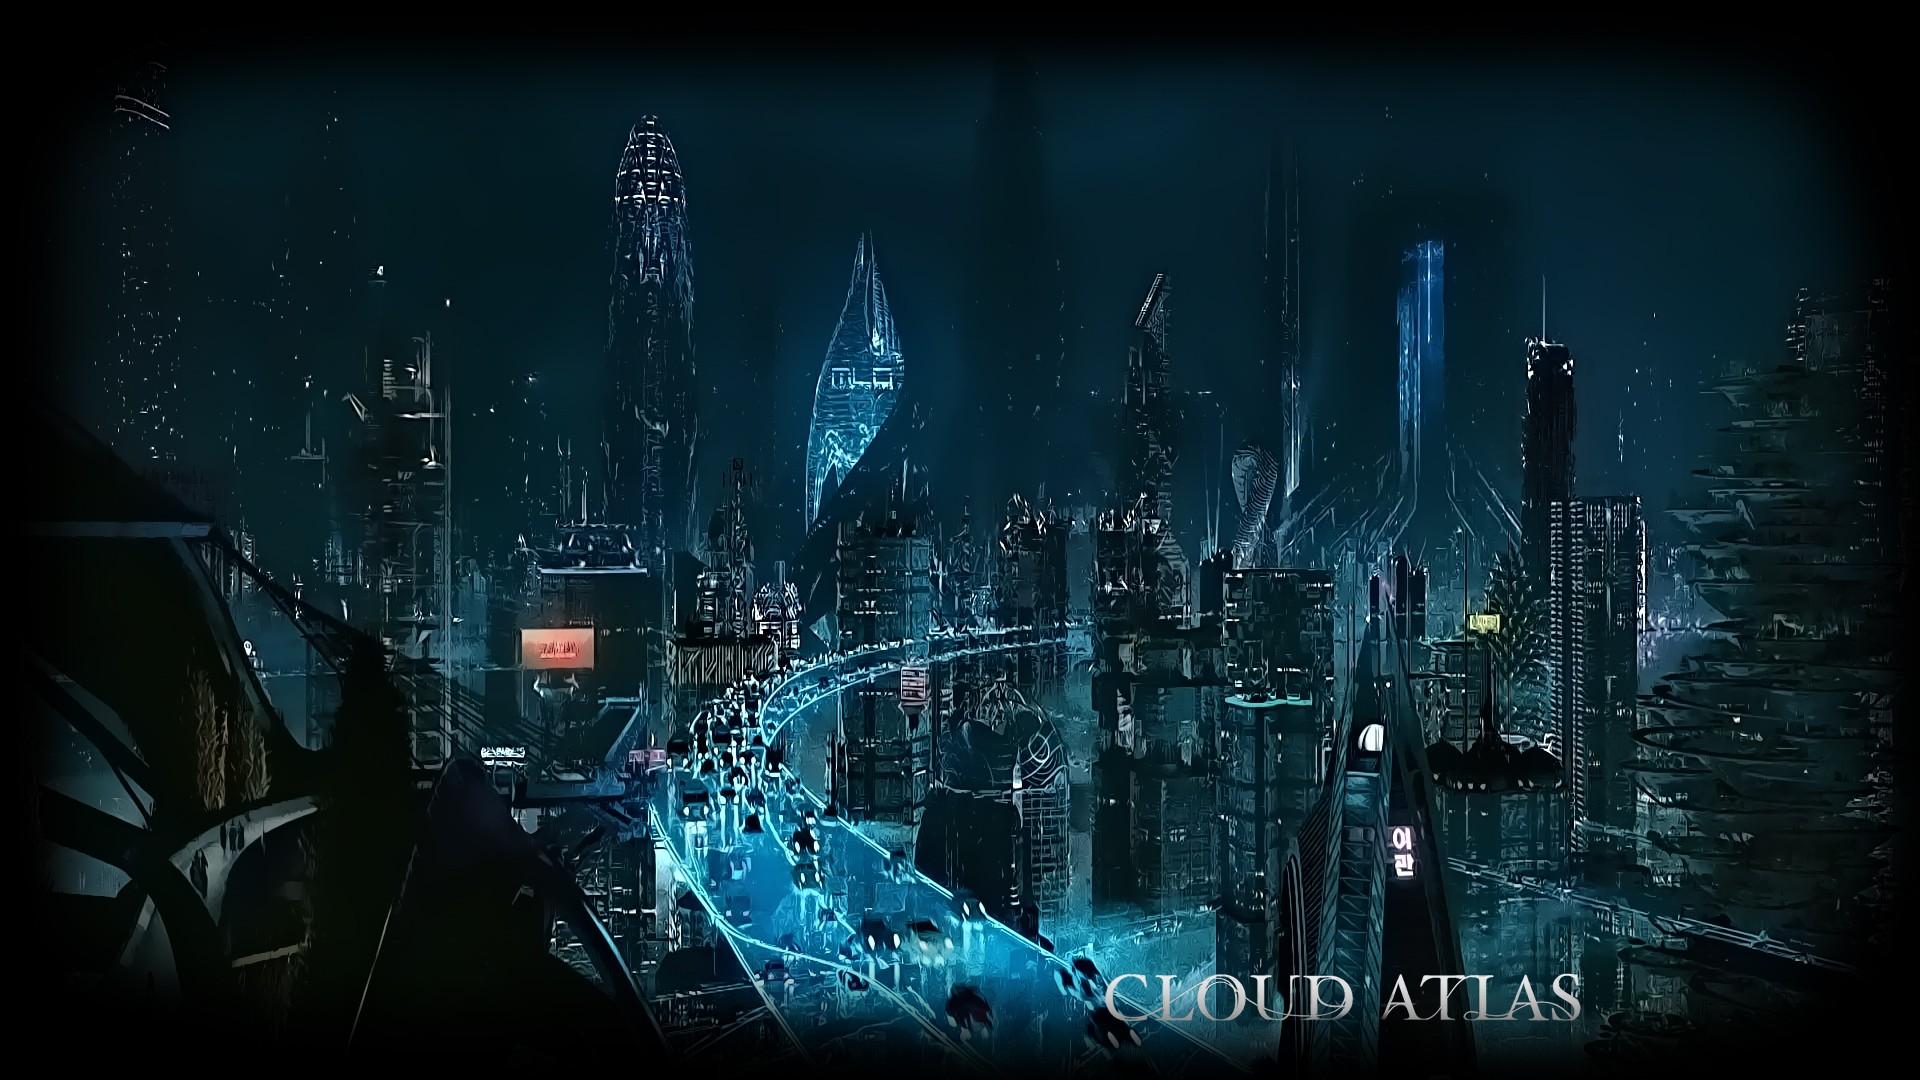 デスクトップ壁紙 車 建物 映画ポスター 超高層ビル Sf 未来